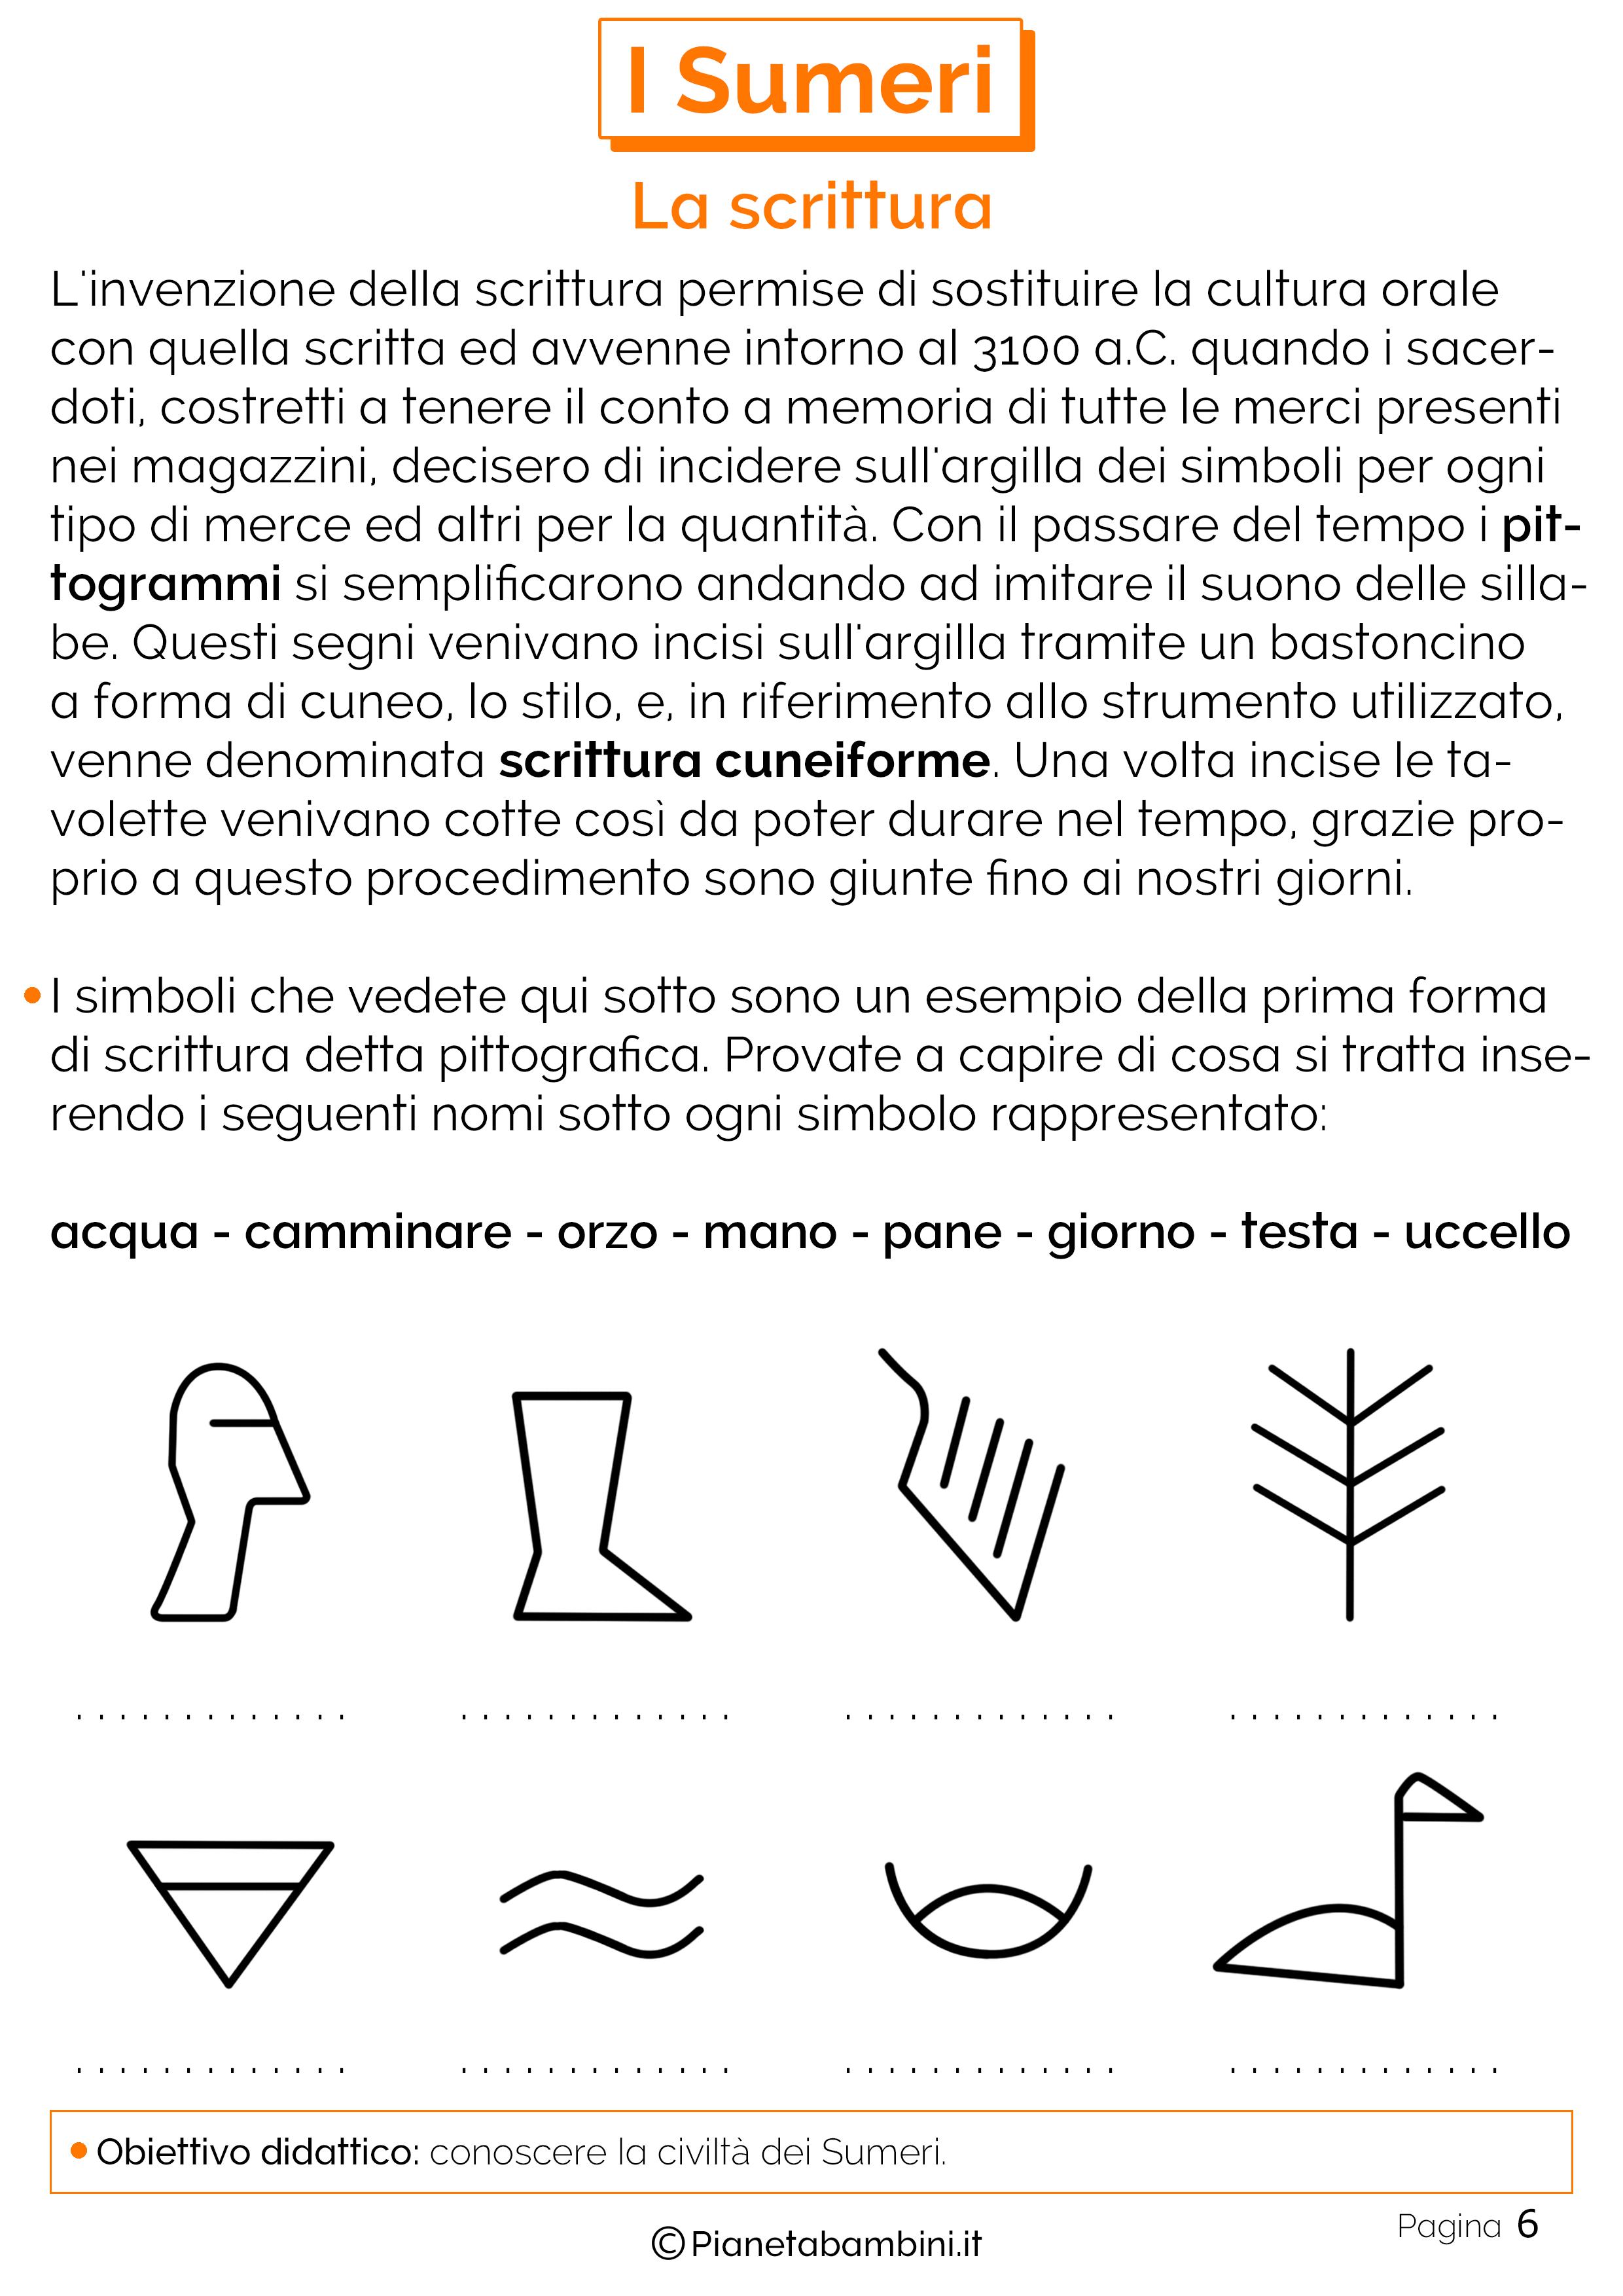 Schede didattiche sulla scrittura dei sumeri